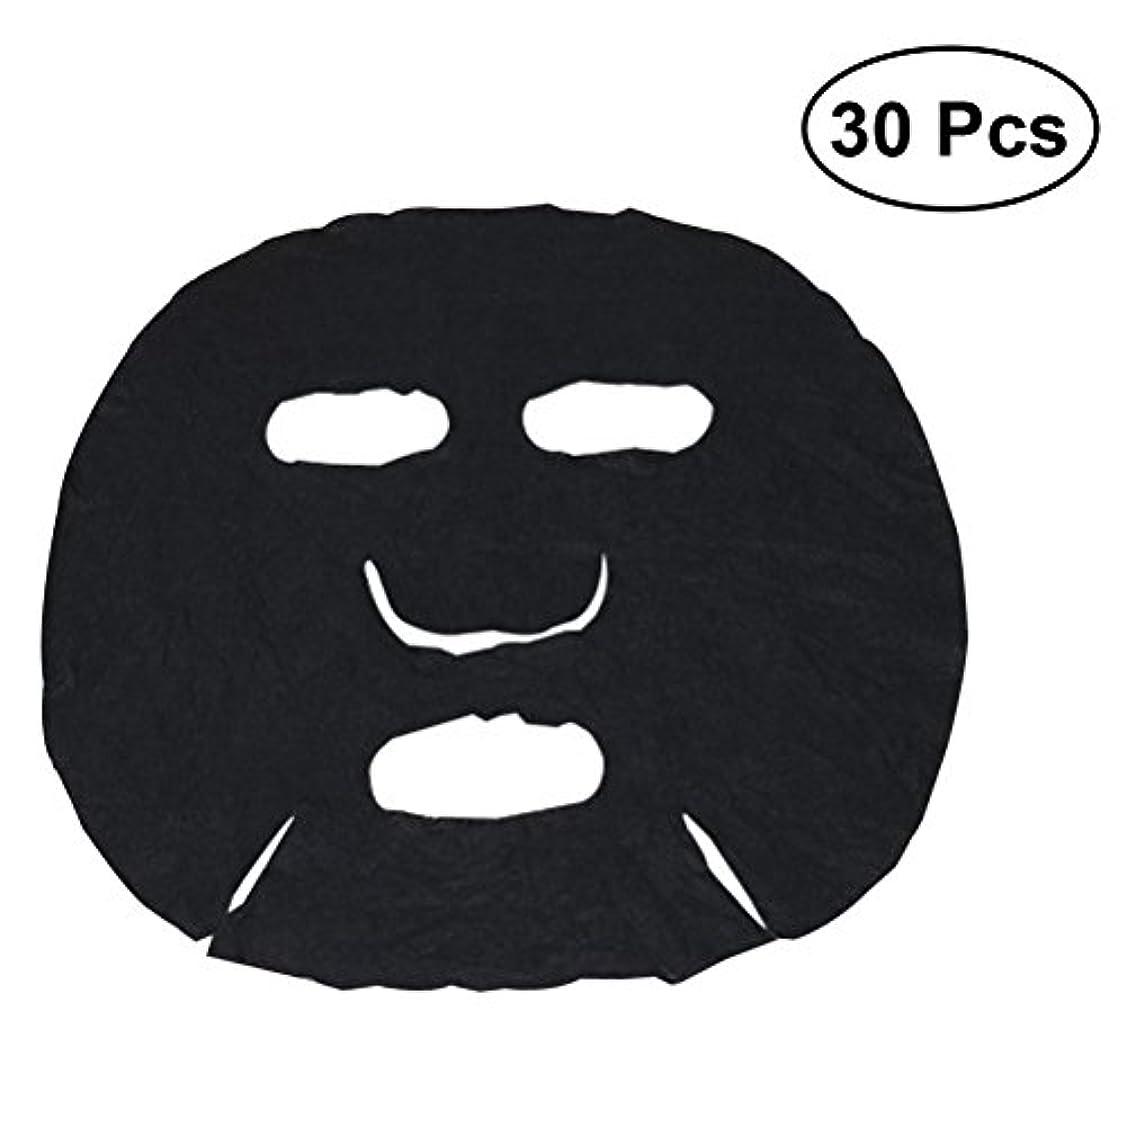 散文線無実Frcolor 圧縮マスク 圧縮フェイスパック 竹炭 圧縮マスクシート スキンケア DIY 30枚入り 携帯便利 使い捨て